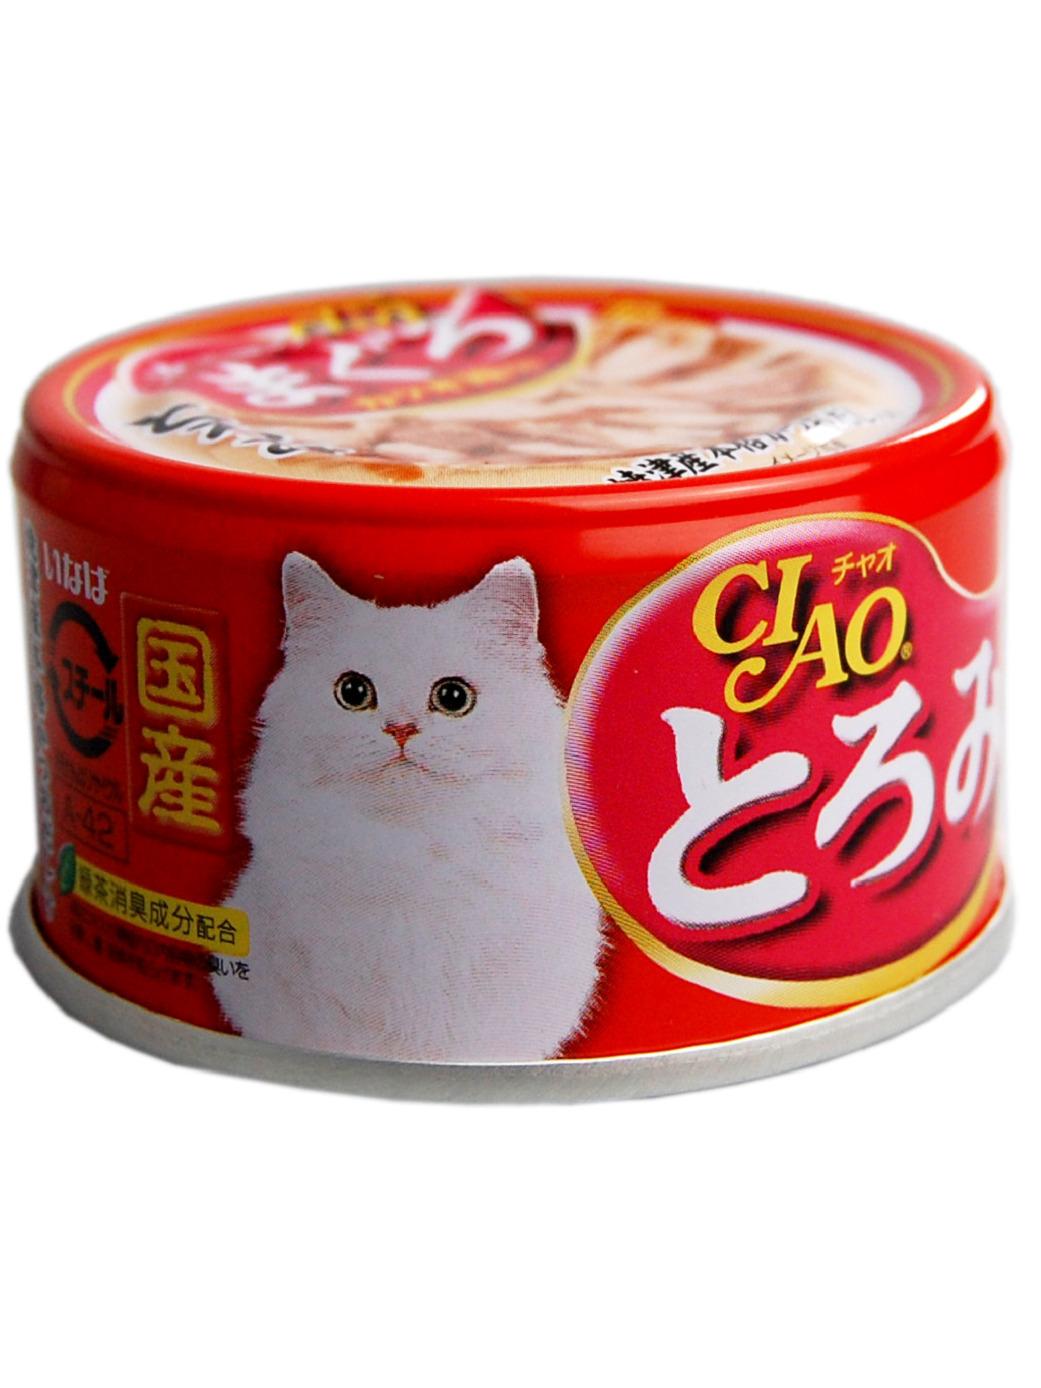 CIAO влажный корм для кошек, карпаччо из мраморной вырезки тунца 80 гр